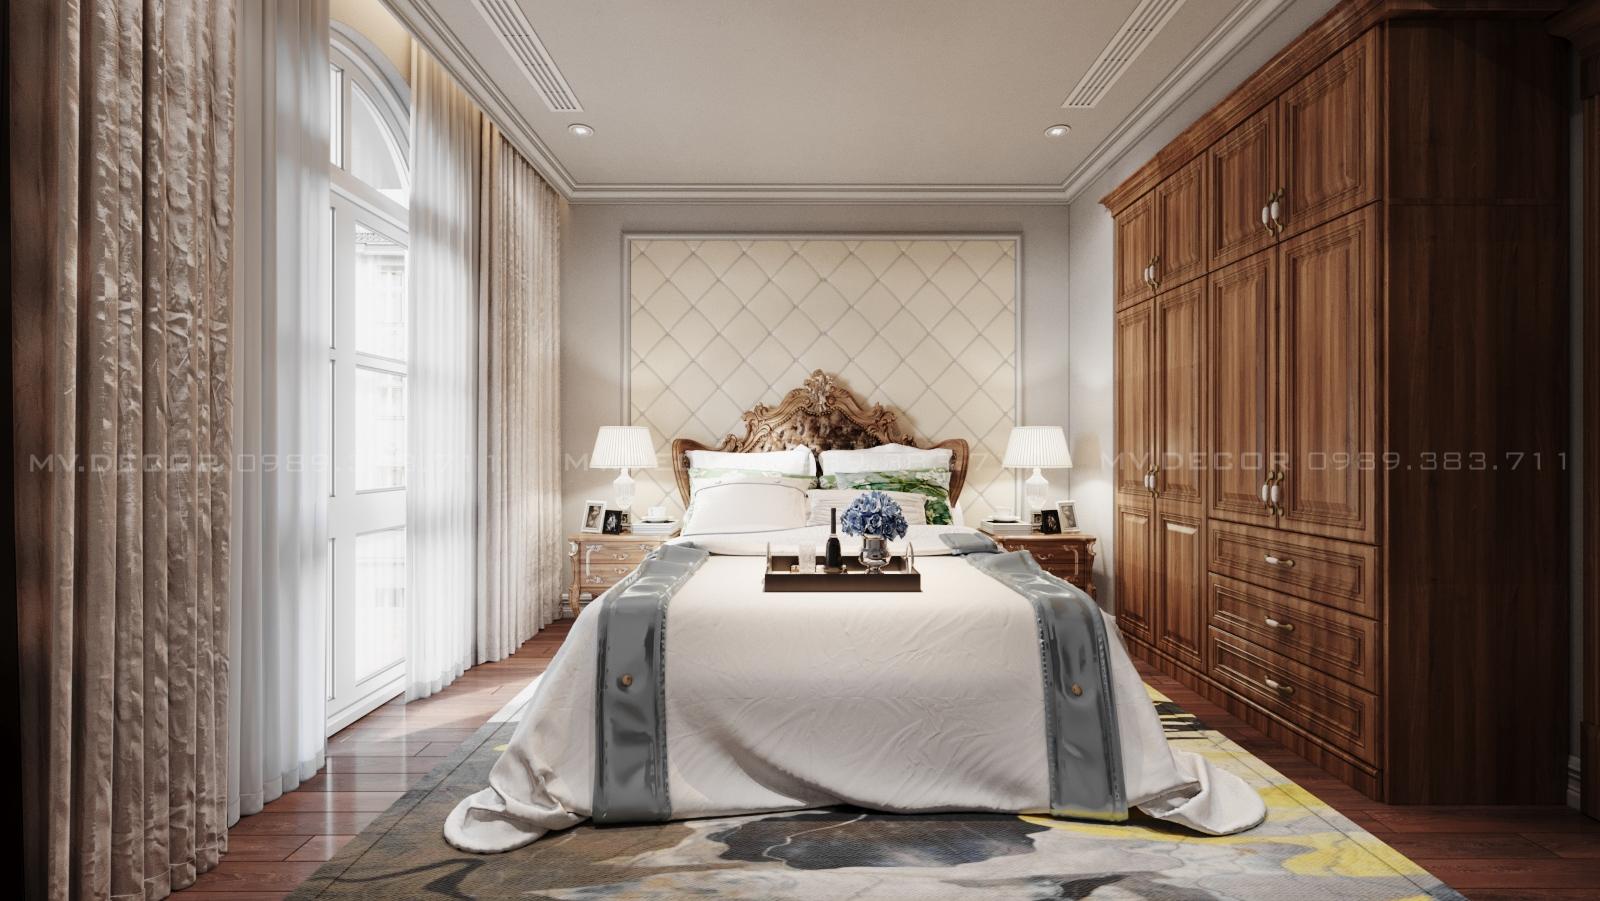 thiết kế nội thất Biệt Thự tại Hải Phòng BT VINHOME HẢI PHÒNG 28 1562719455